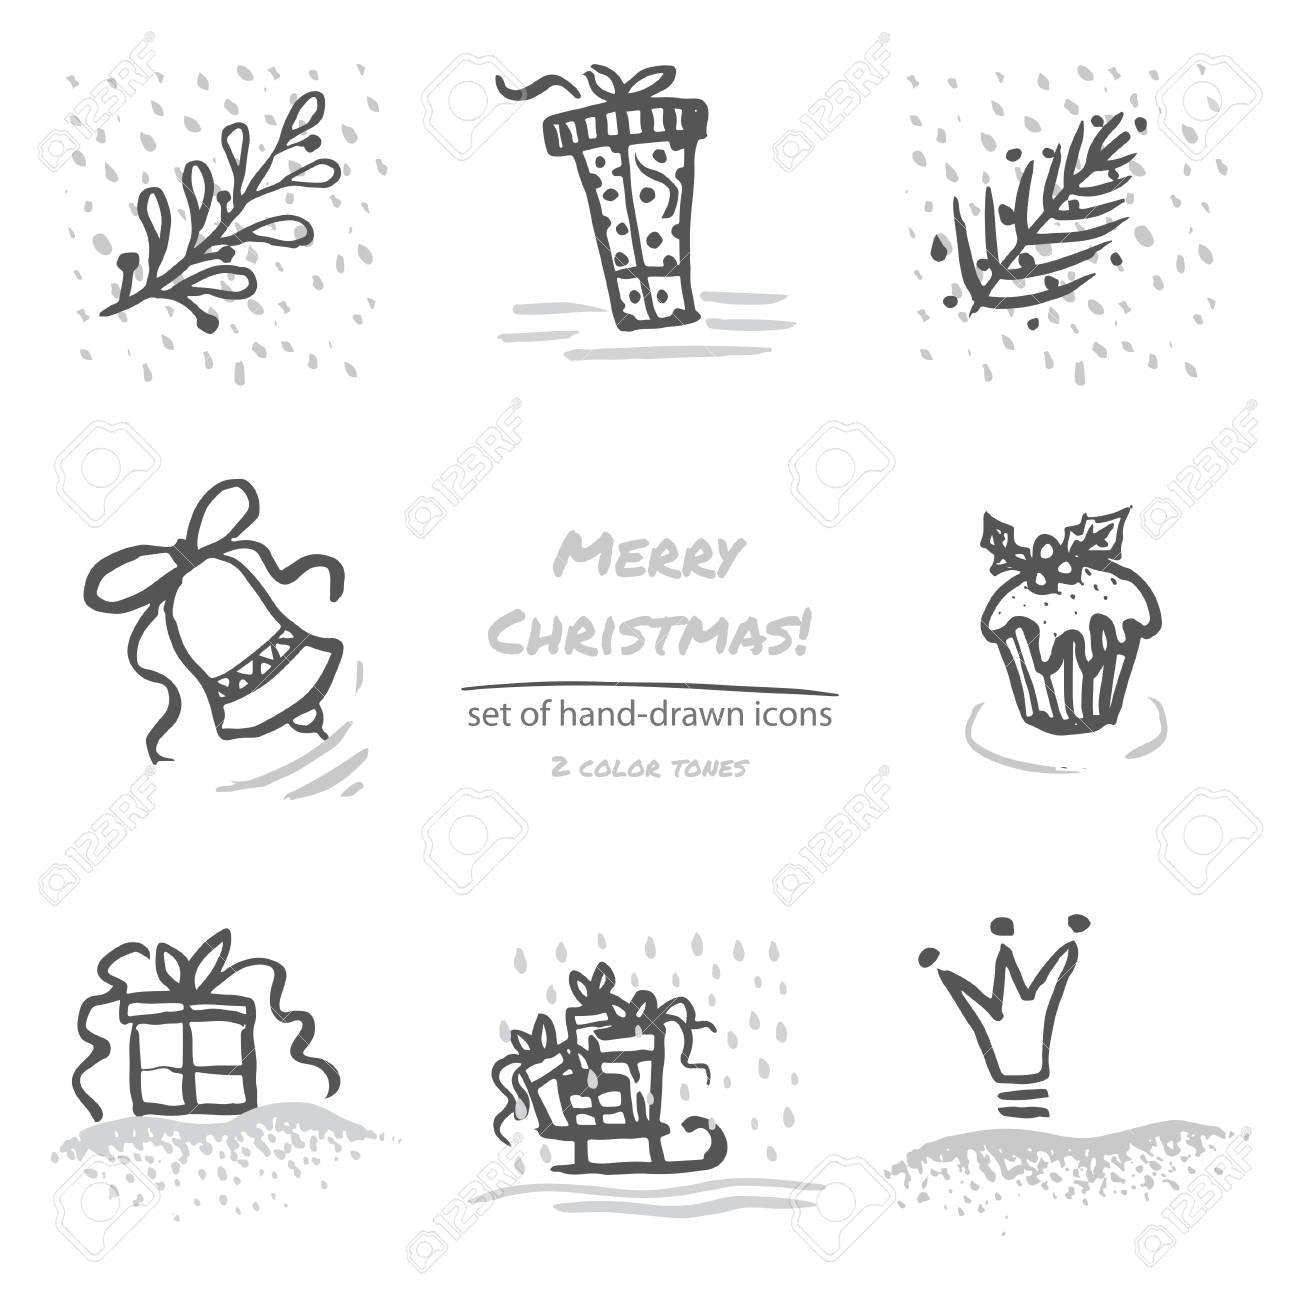 Weihnachten Hand Gezeichnet Skizze Symbole Auf Weißem Hintergrund ...